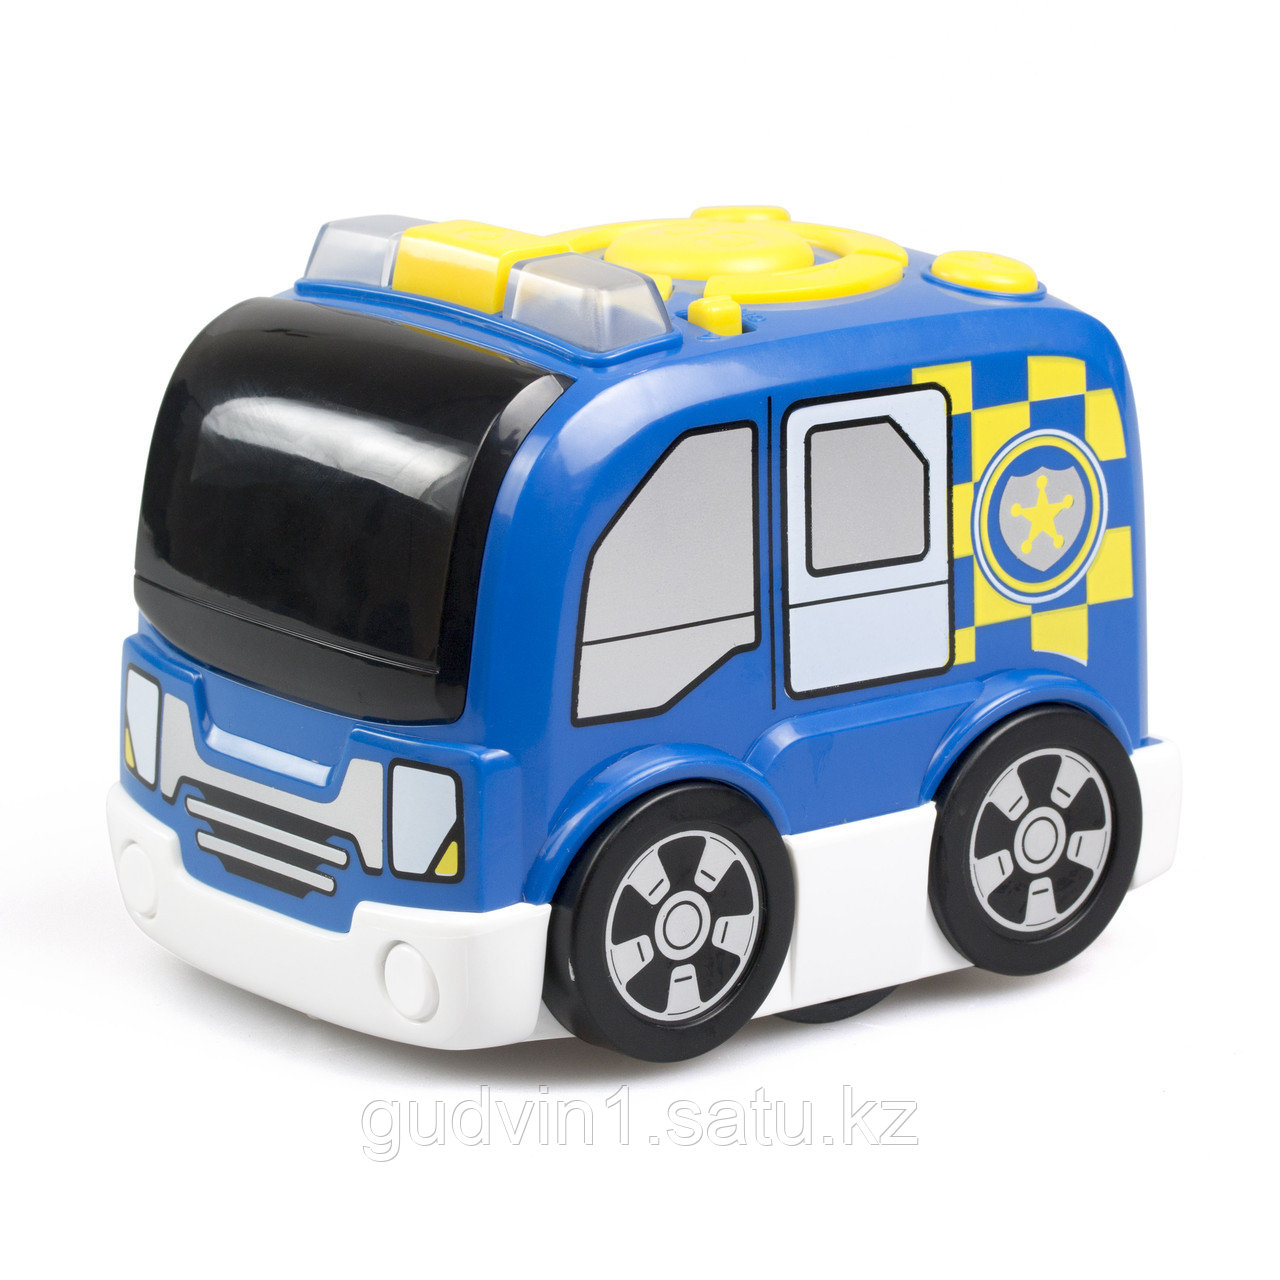 Программируемая полицейская машина Tooko 81471